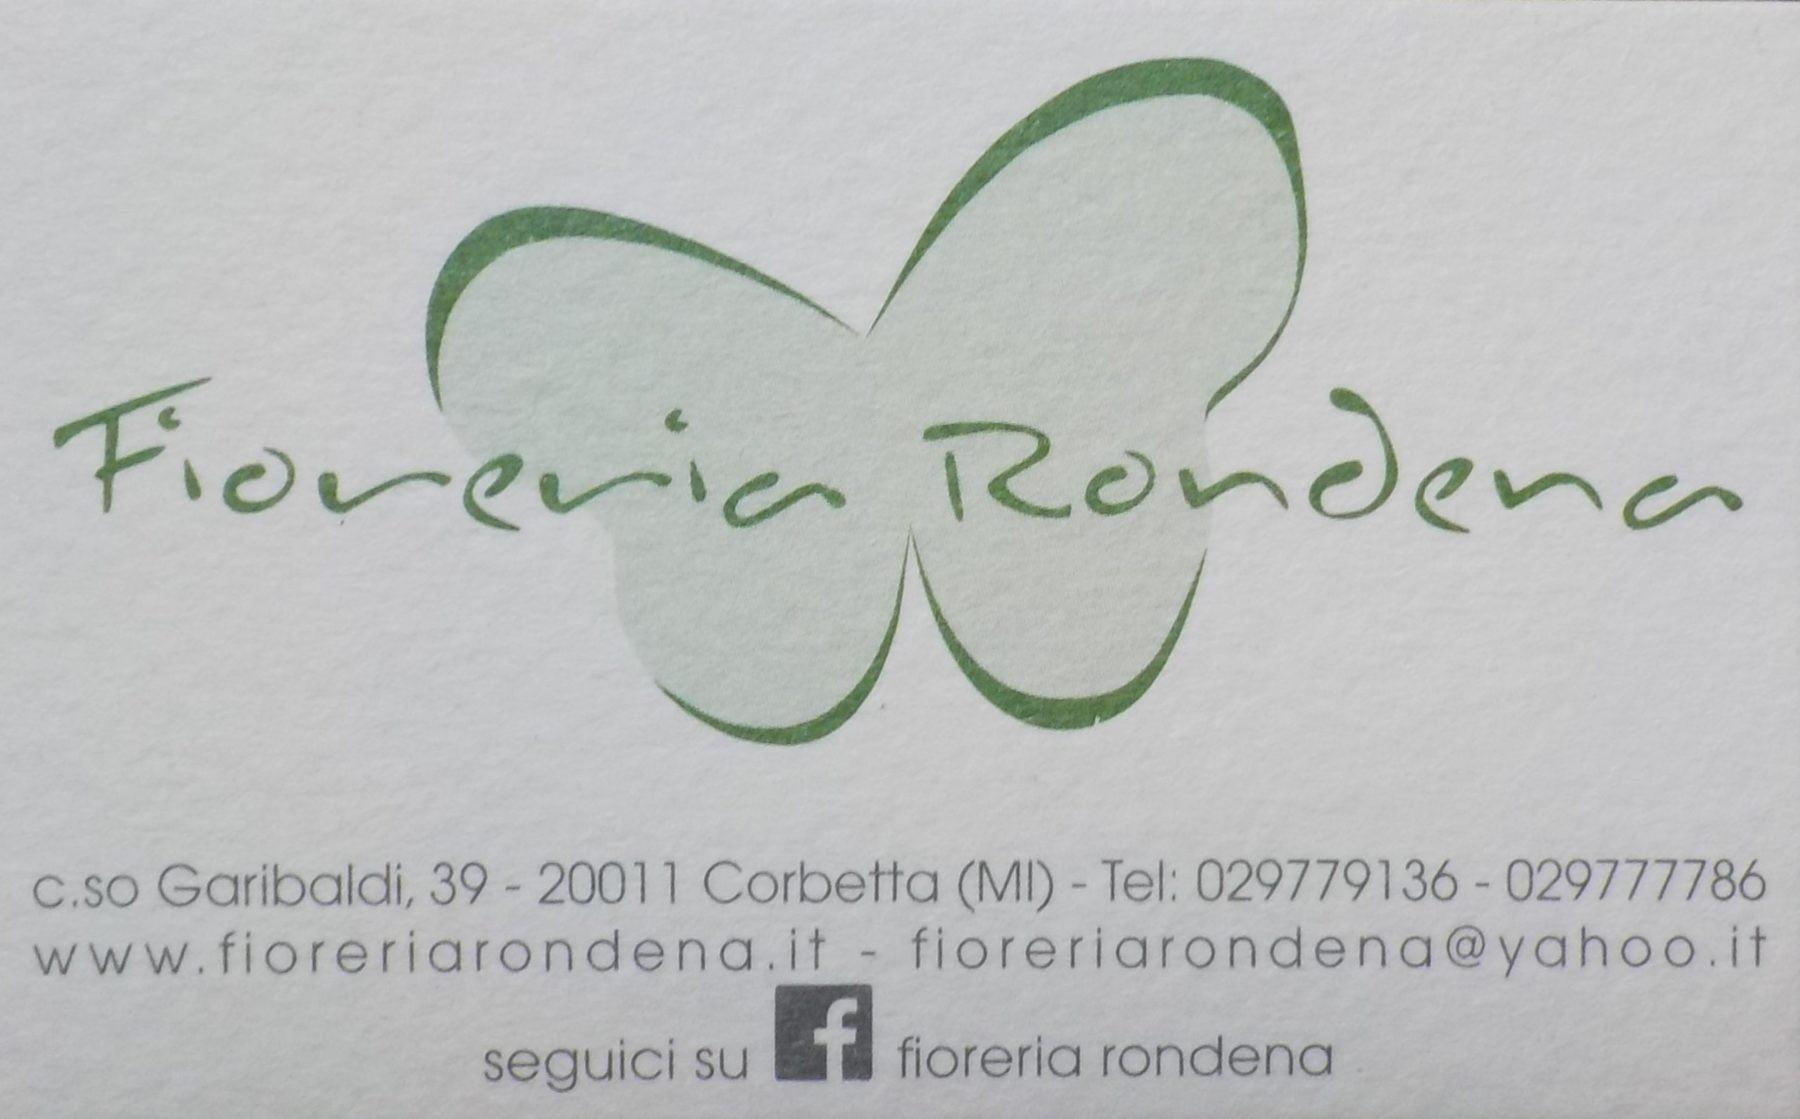 Corbetta - La fioreria Rondena: attività storica che contribuisce a rendere vivo il centro di Corbetta 14/09/2020